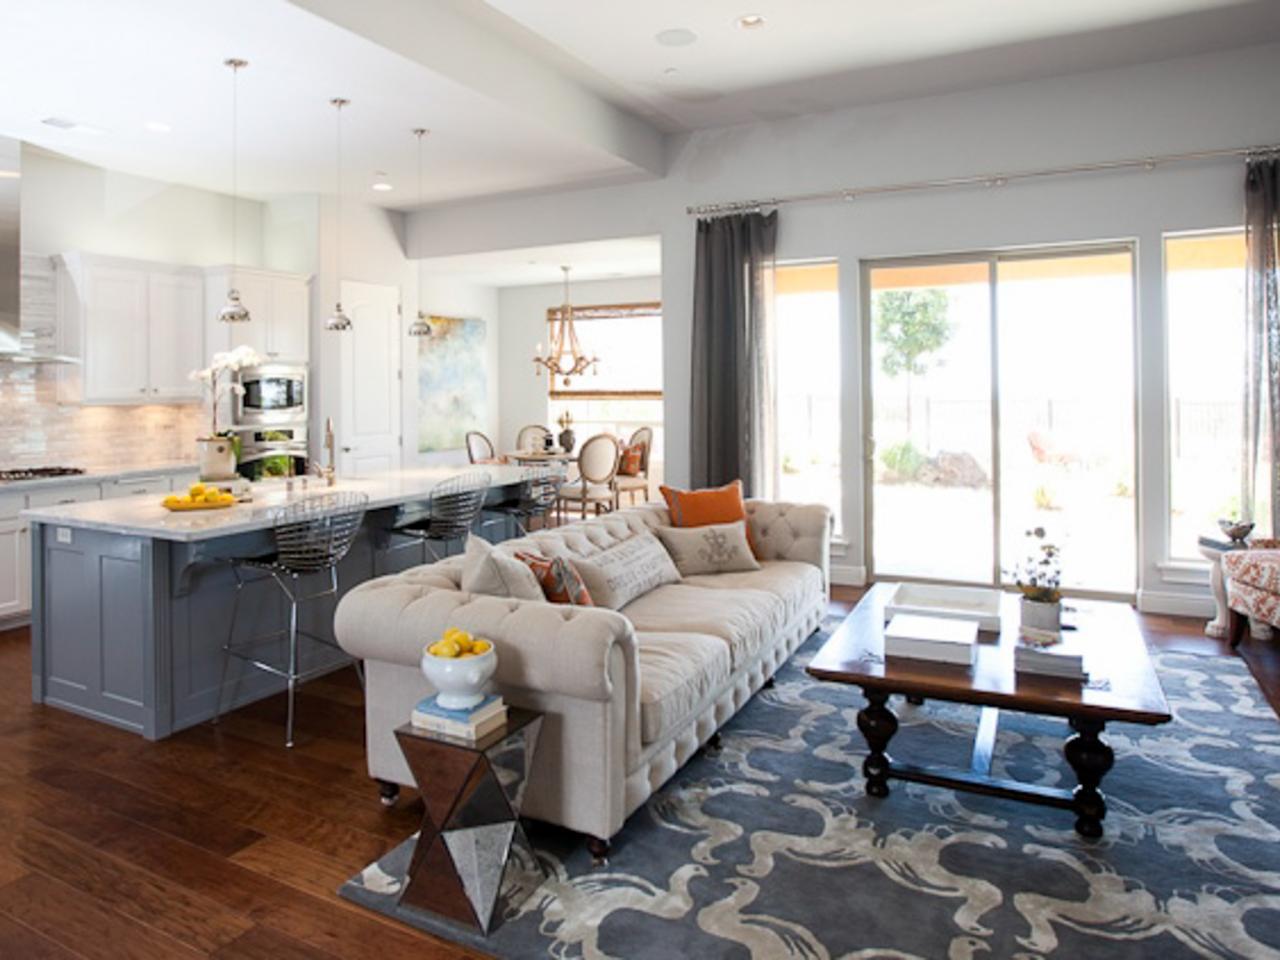 phòng khách và bếp chung 4